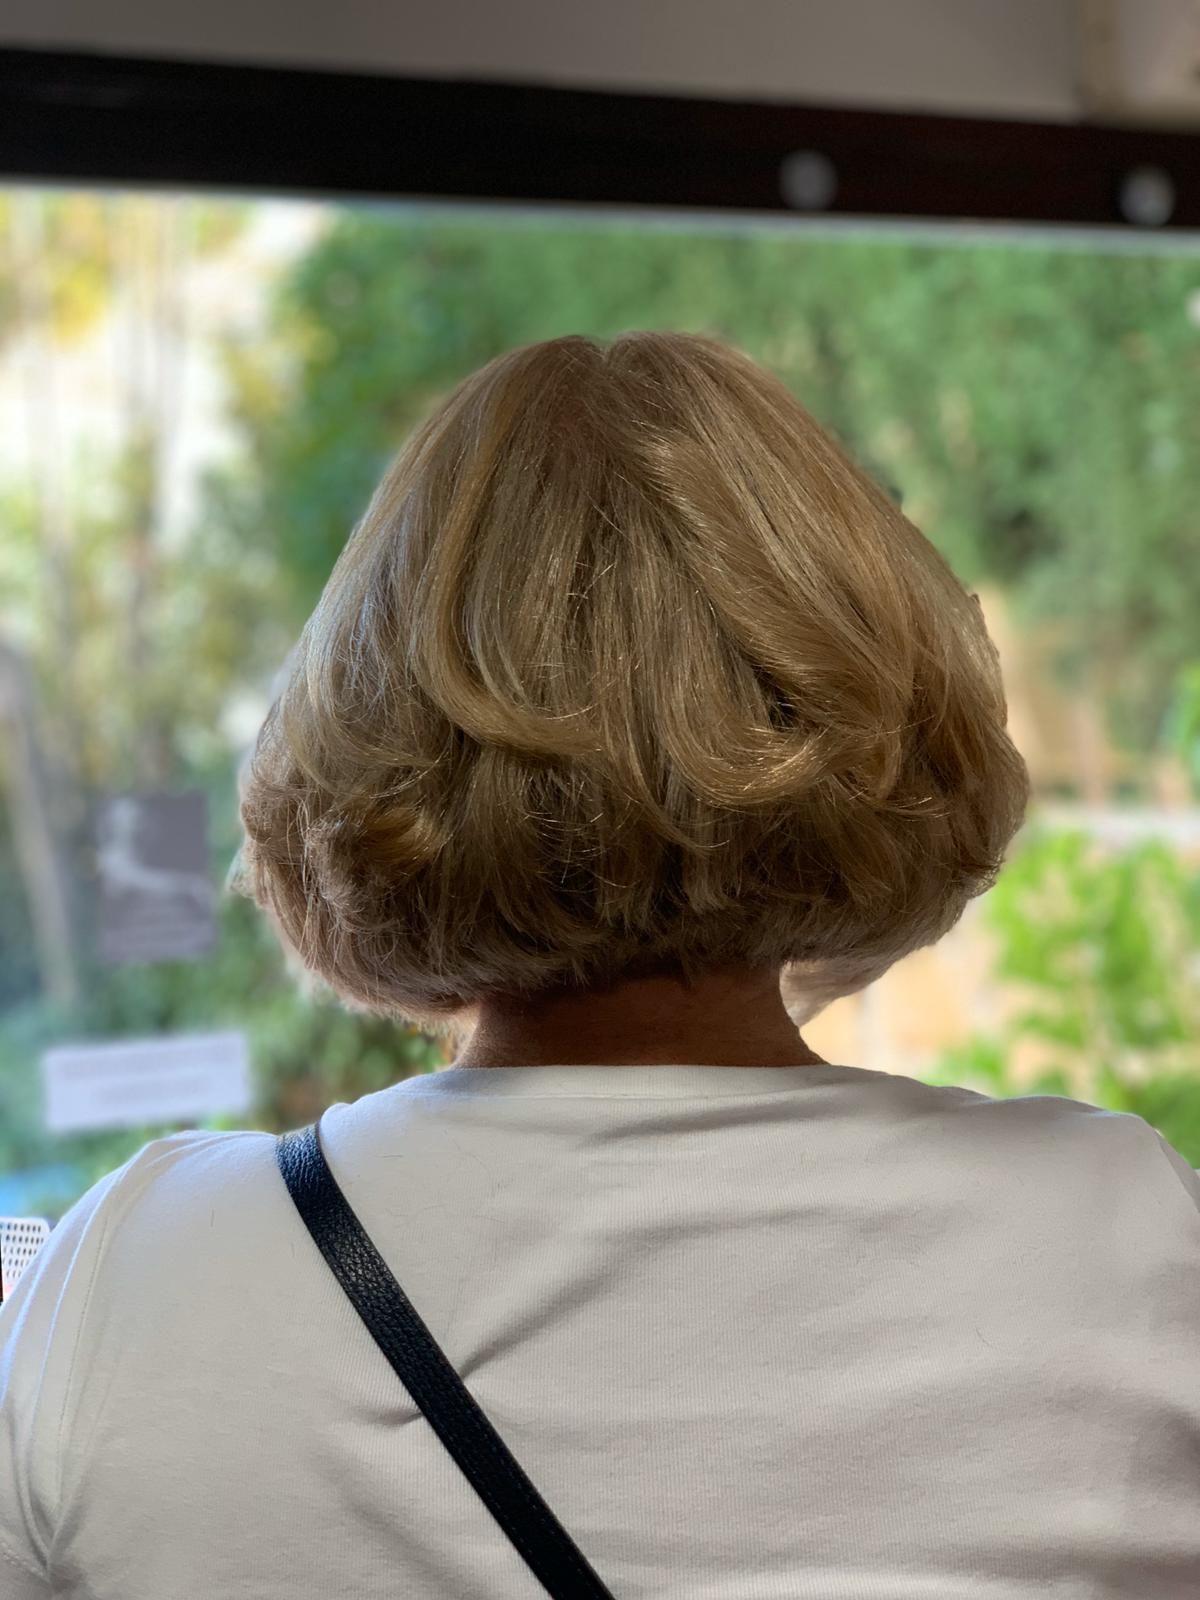 Foto 17 de Hairdressers for men and women en  | Kiko's Peluquería y Estética